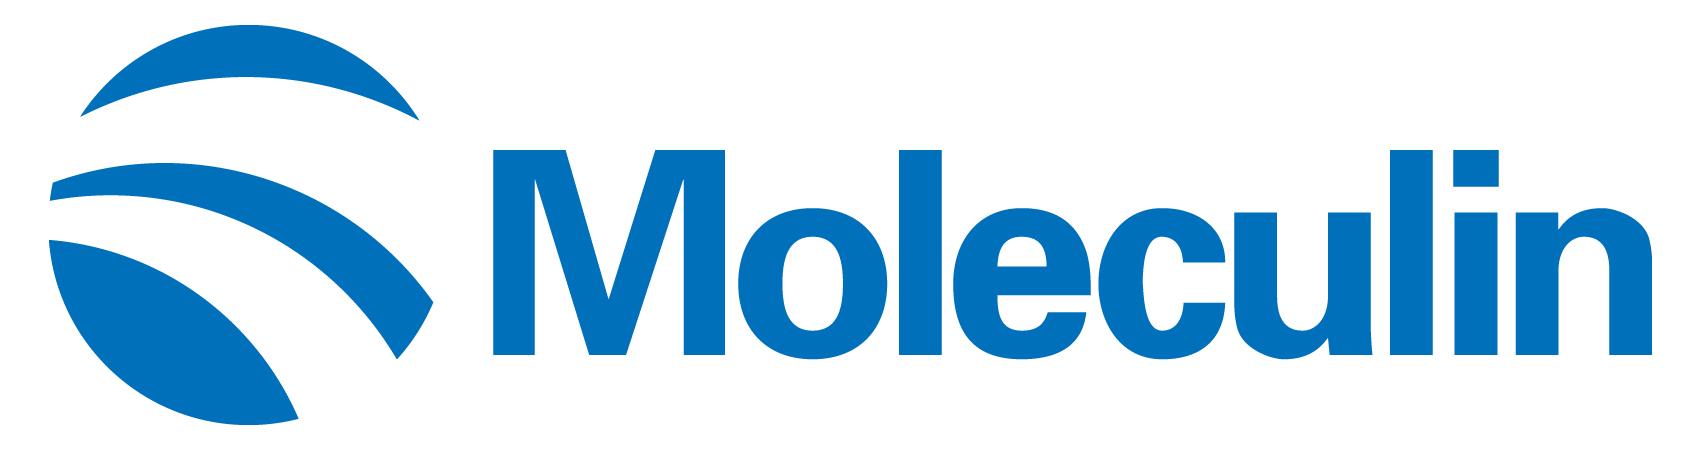 MOLECULIN-LOGO_HORIZA35.JPG